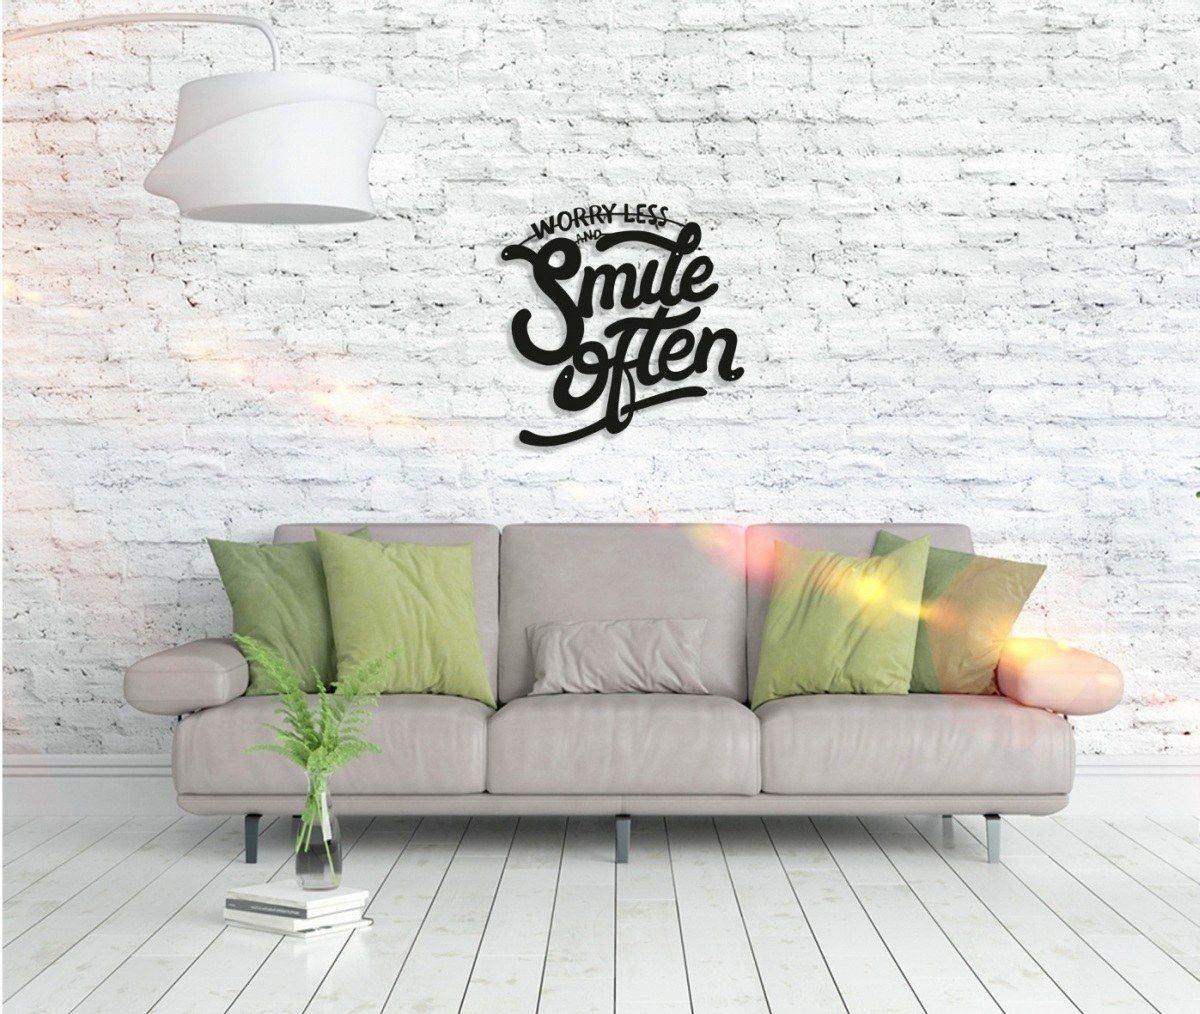 Metall Wandbild - Smile Often